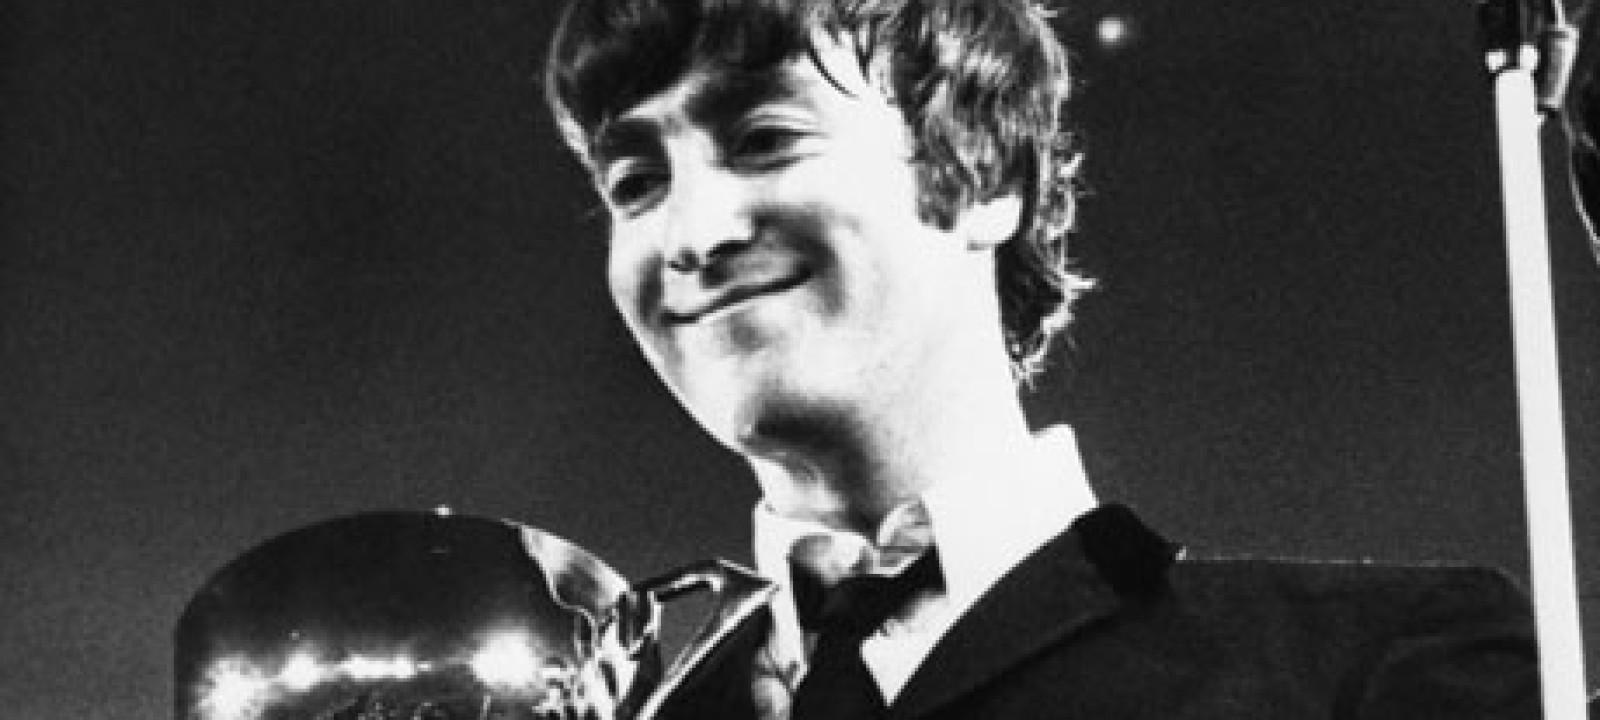 ãjohn lennon 1964ãã®ç»åæ¤ç´¢çµæ